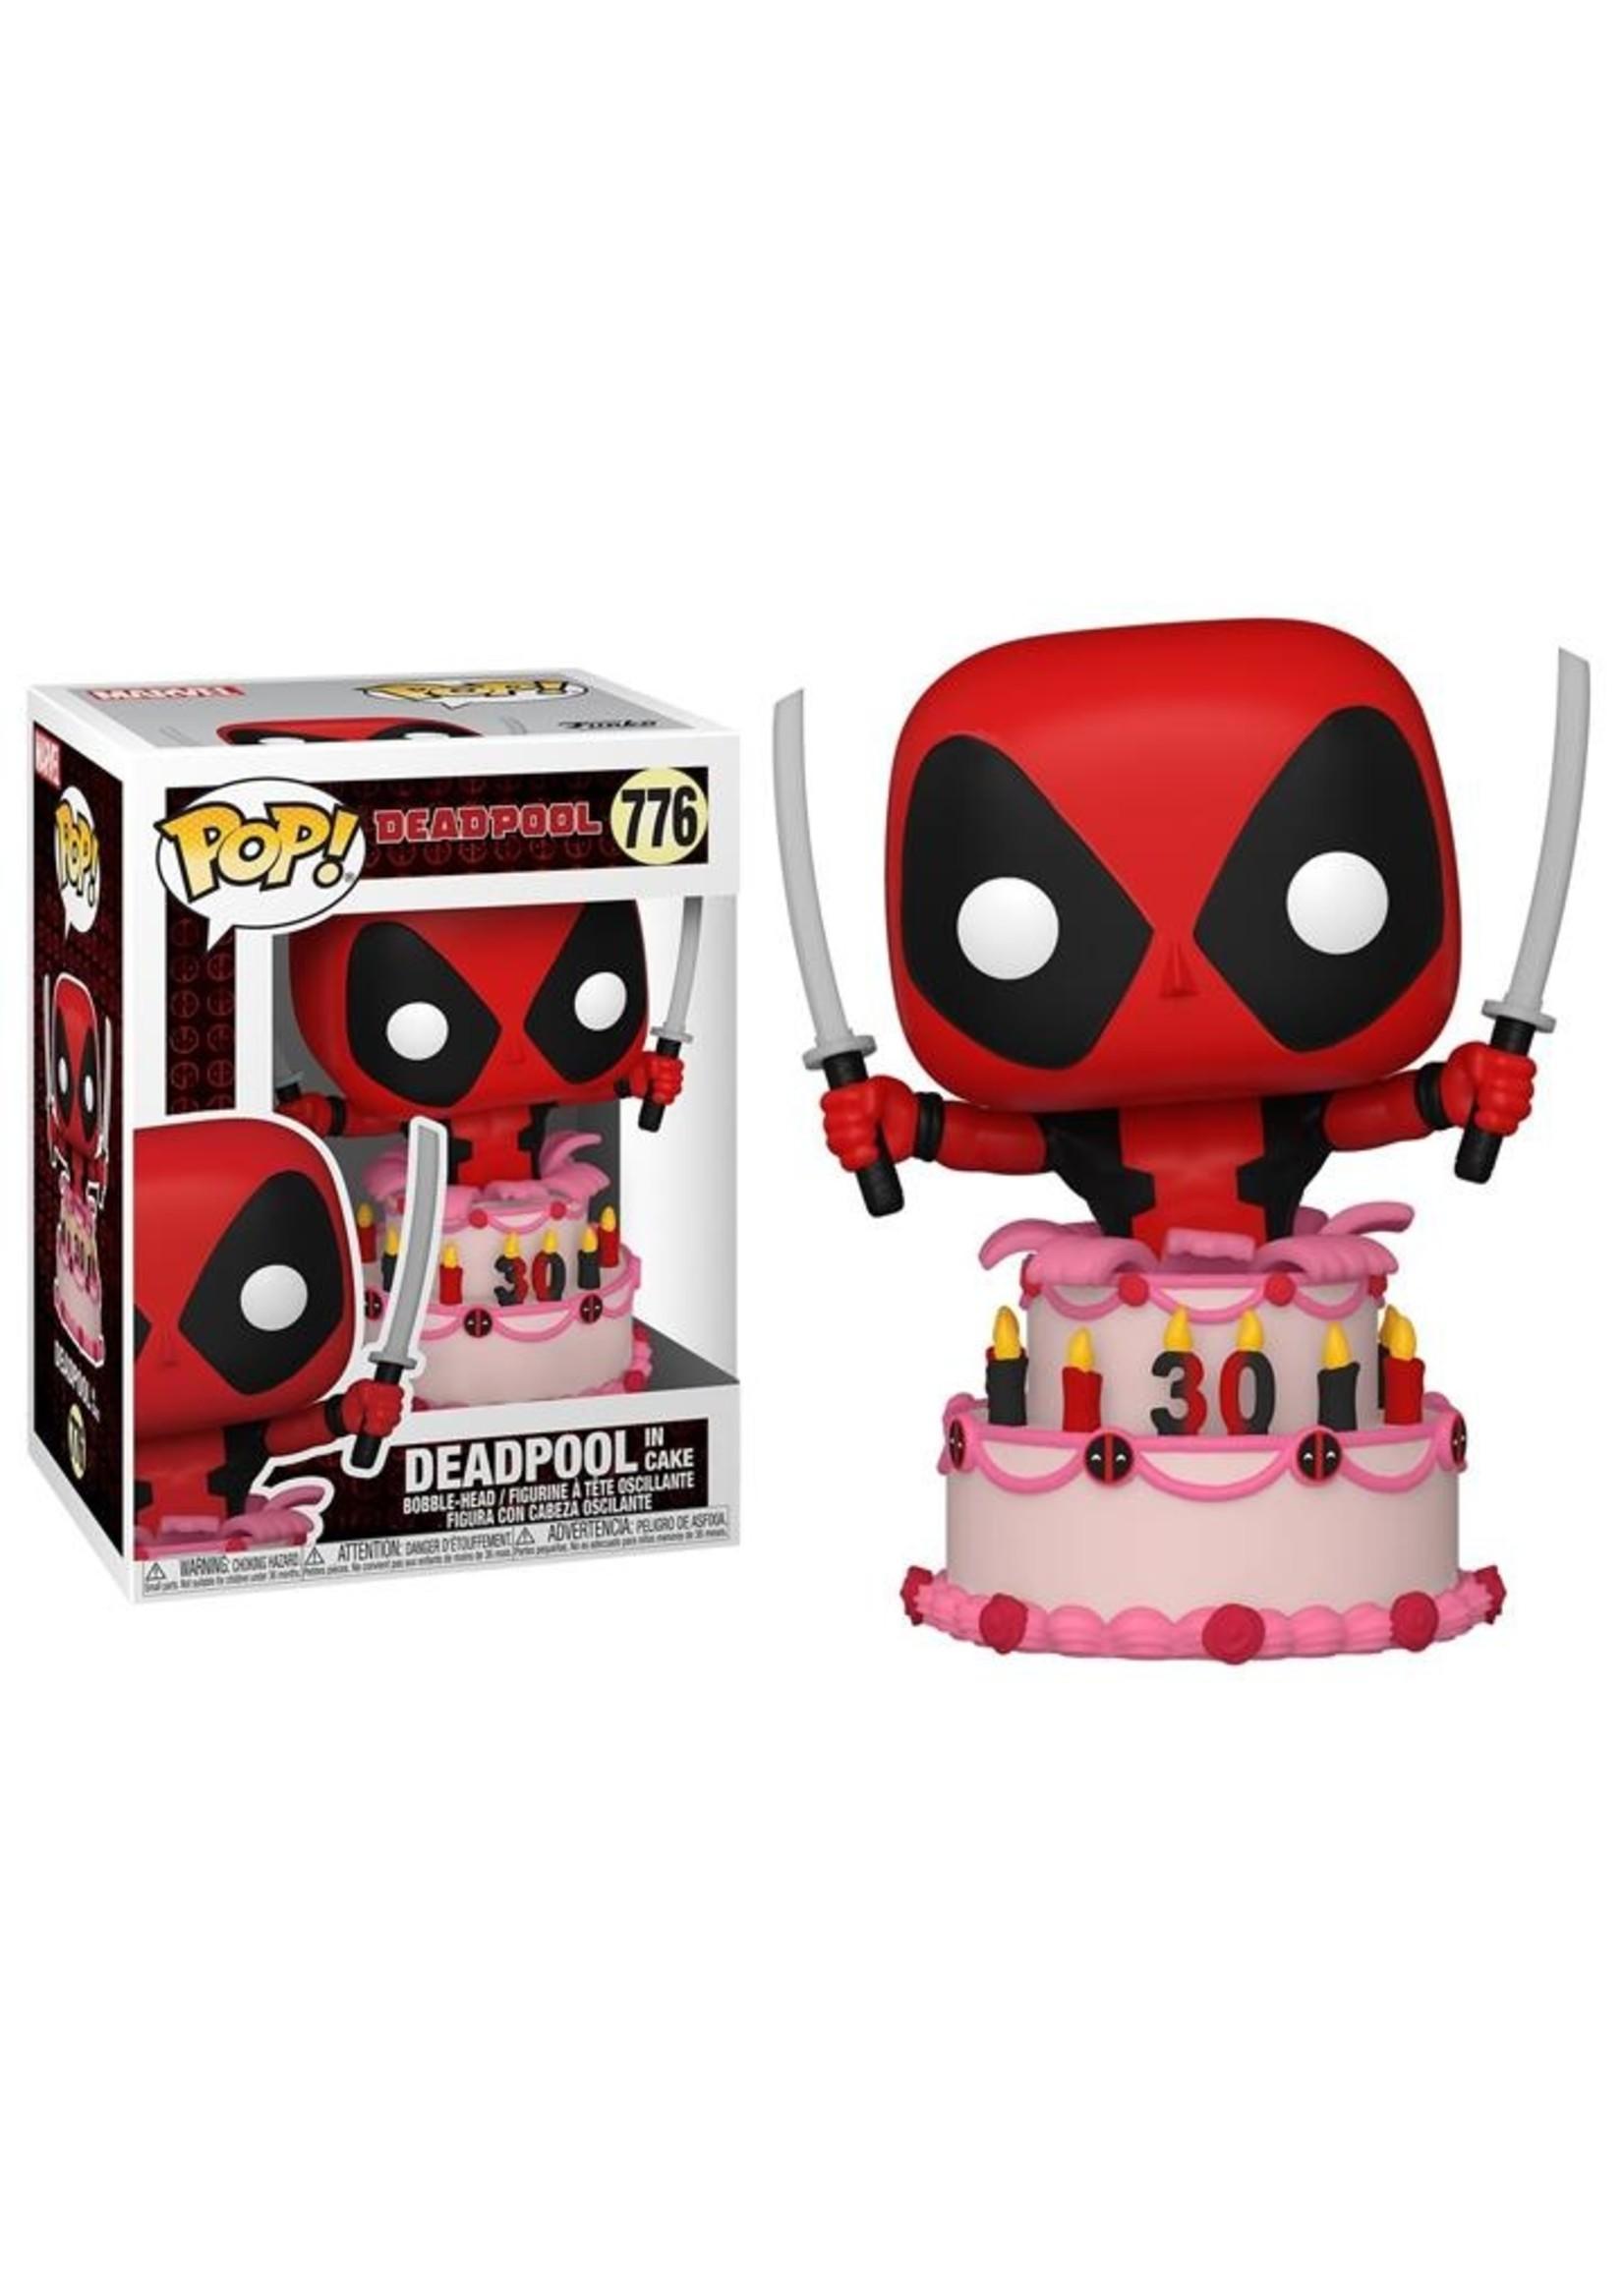 Deadpool In Cake Pop